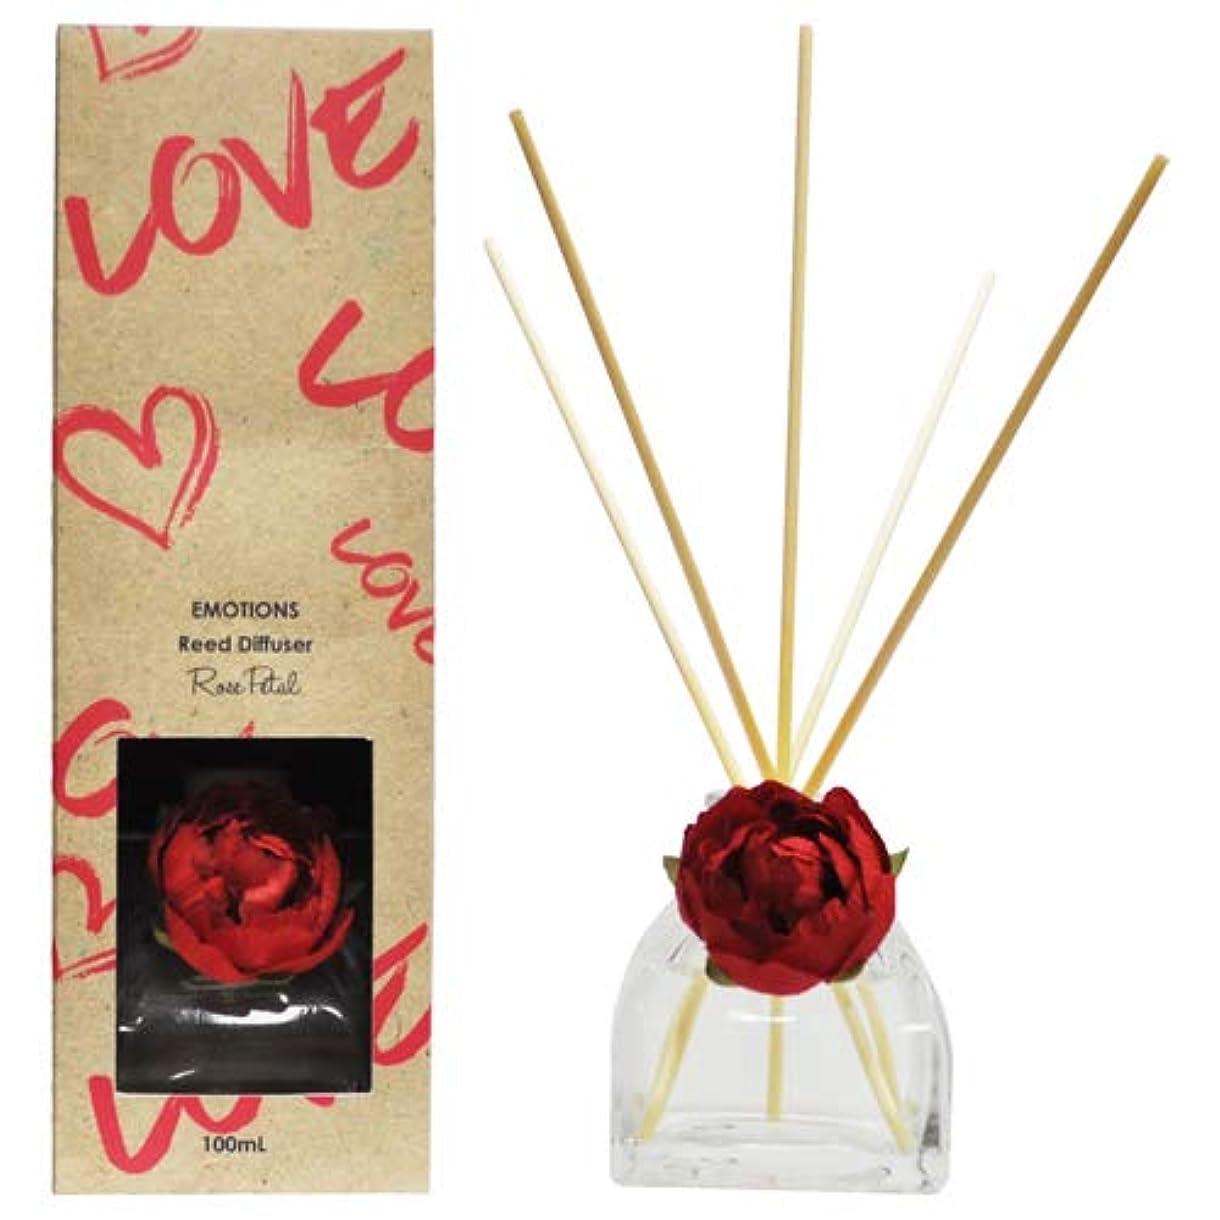 毒性ブート計画EMOTIONS エモーション Fibre Reed Diffuser リードディフューザー Love ラブ(Rose Petal ローズペタル)